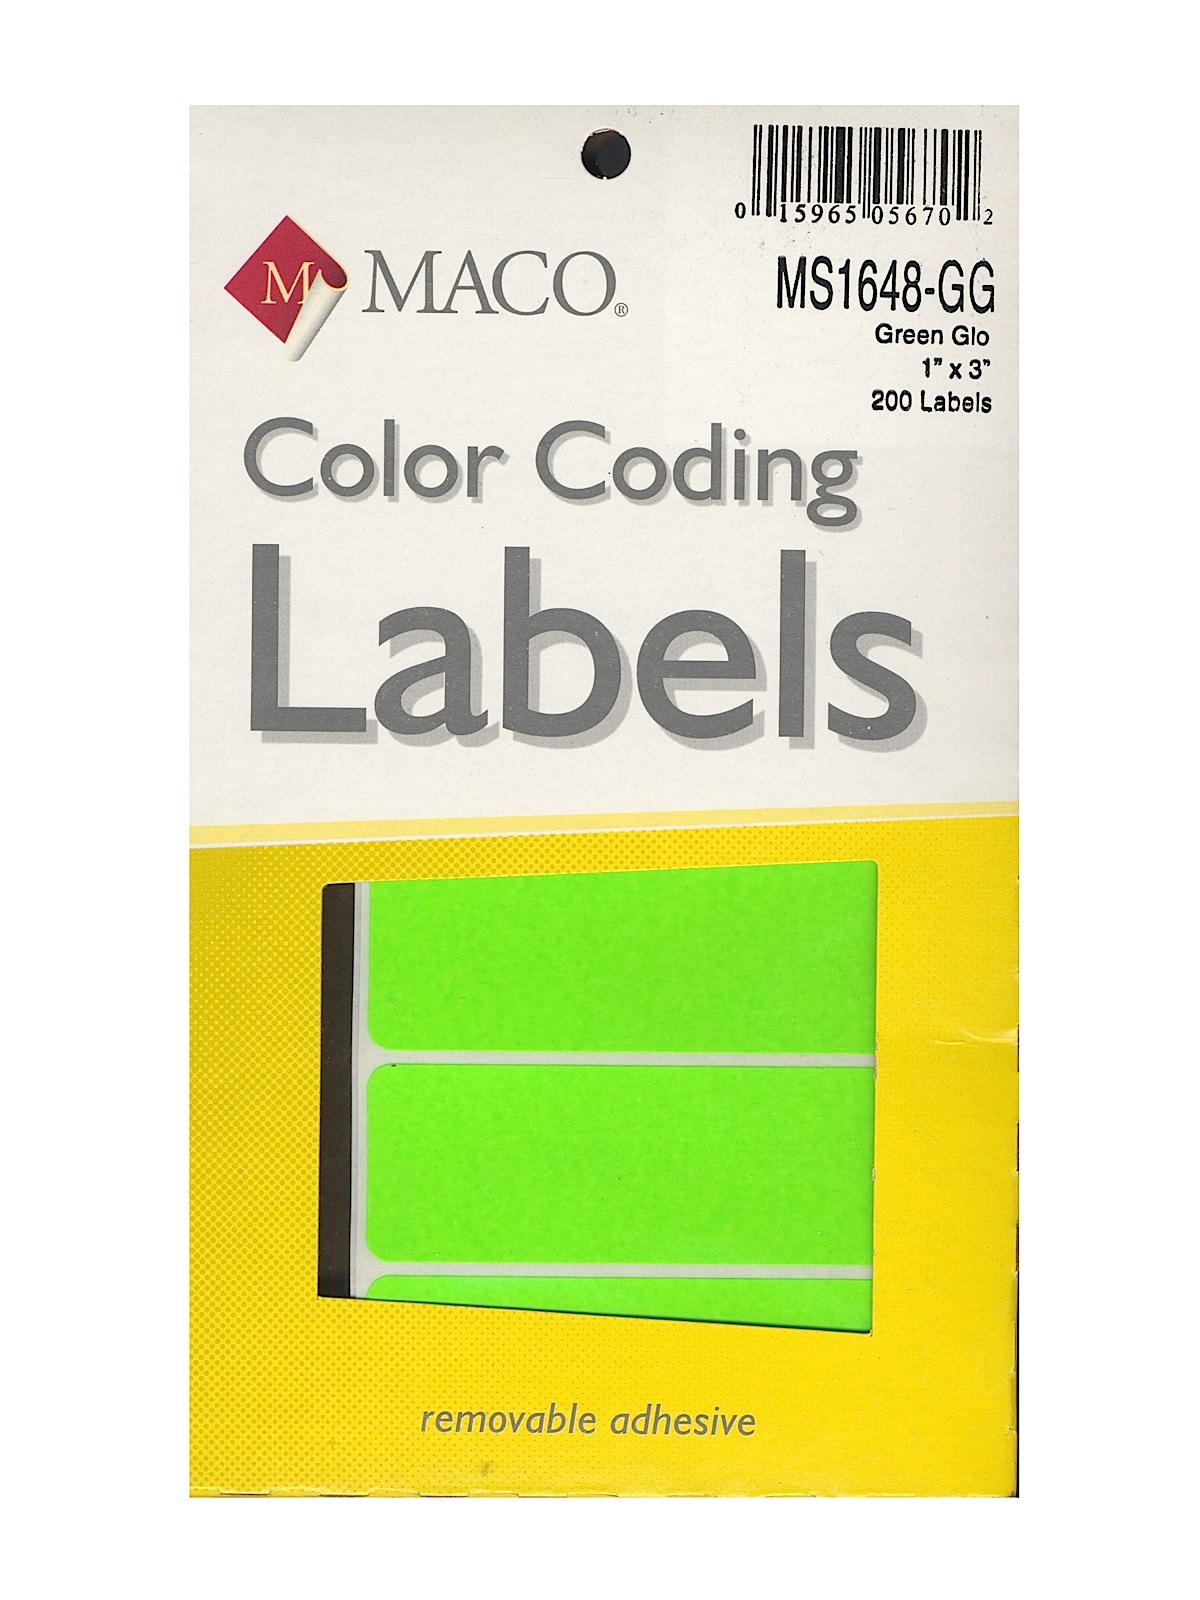 Maco Color Coding Labels | MisterArt.com